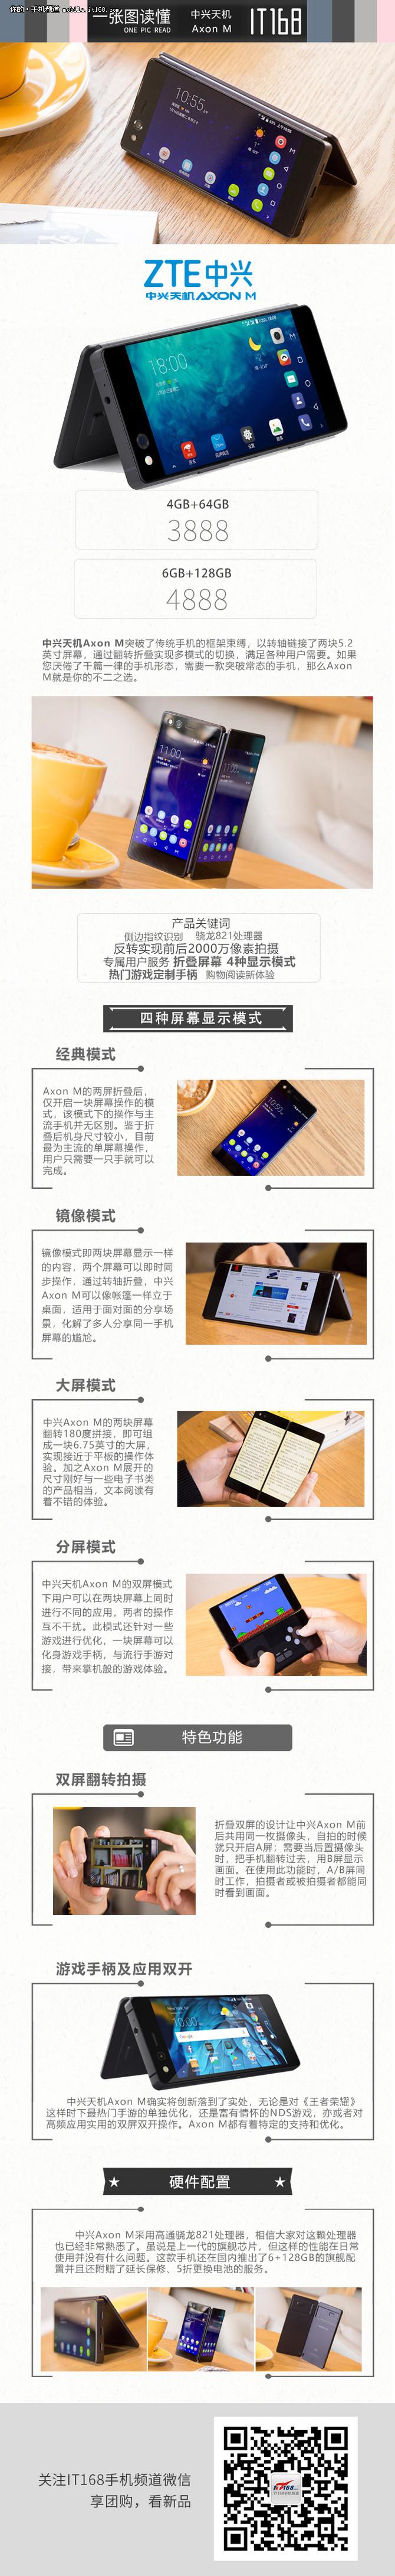 一张图读懂折叠双屏手机中兴天机Axon M